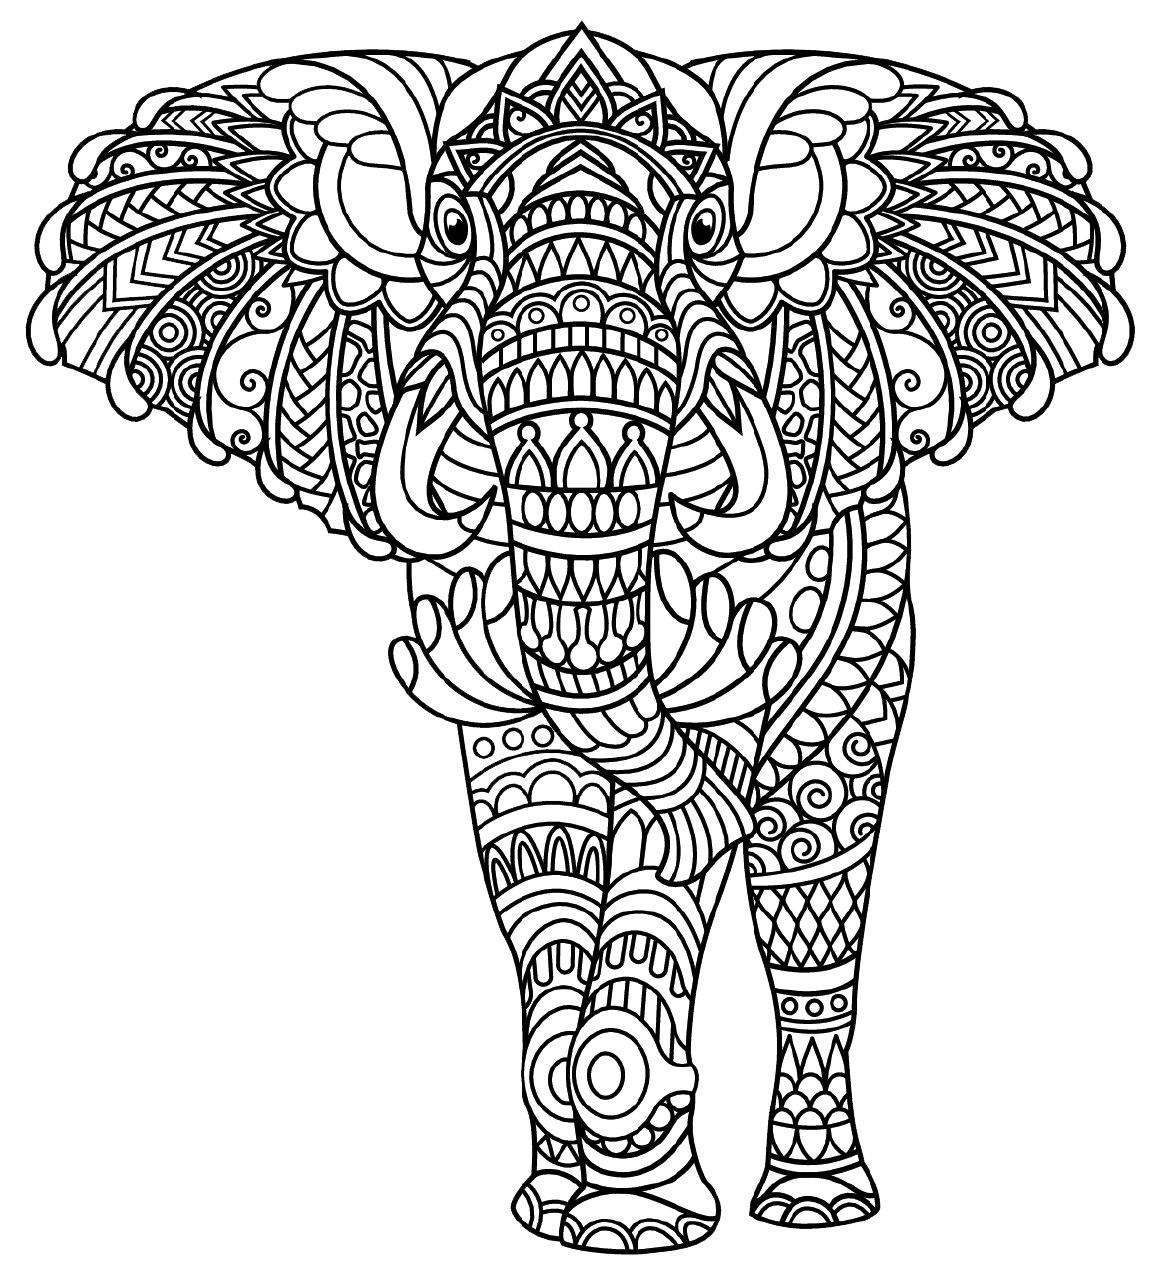 [COMPETIZIONE] Evento Preistoria: Colora il Mammut! - Pagina 2 Index_11